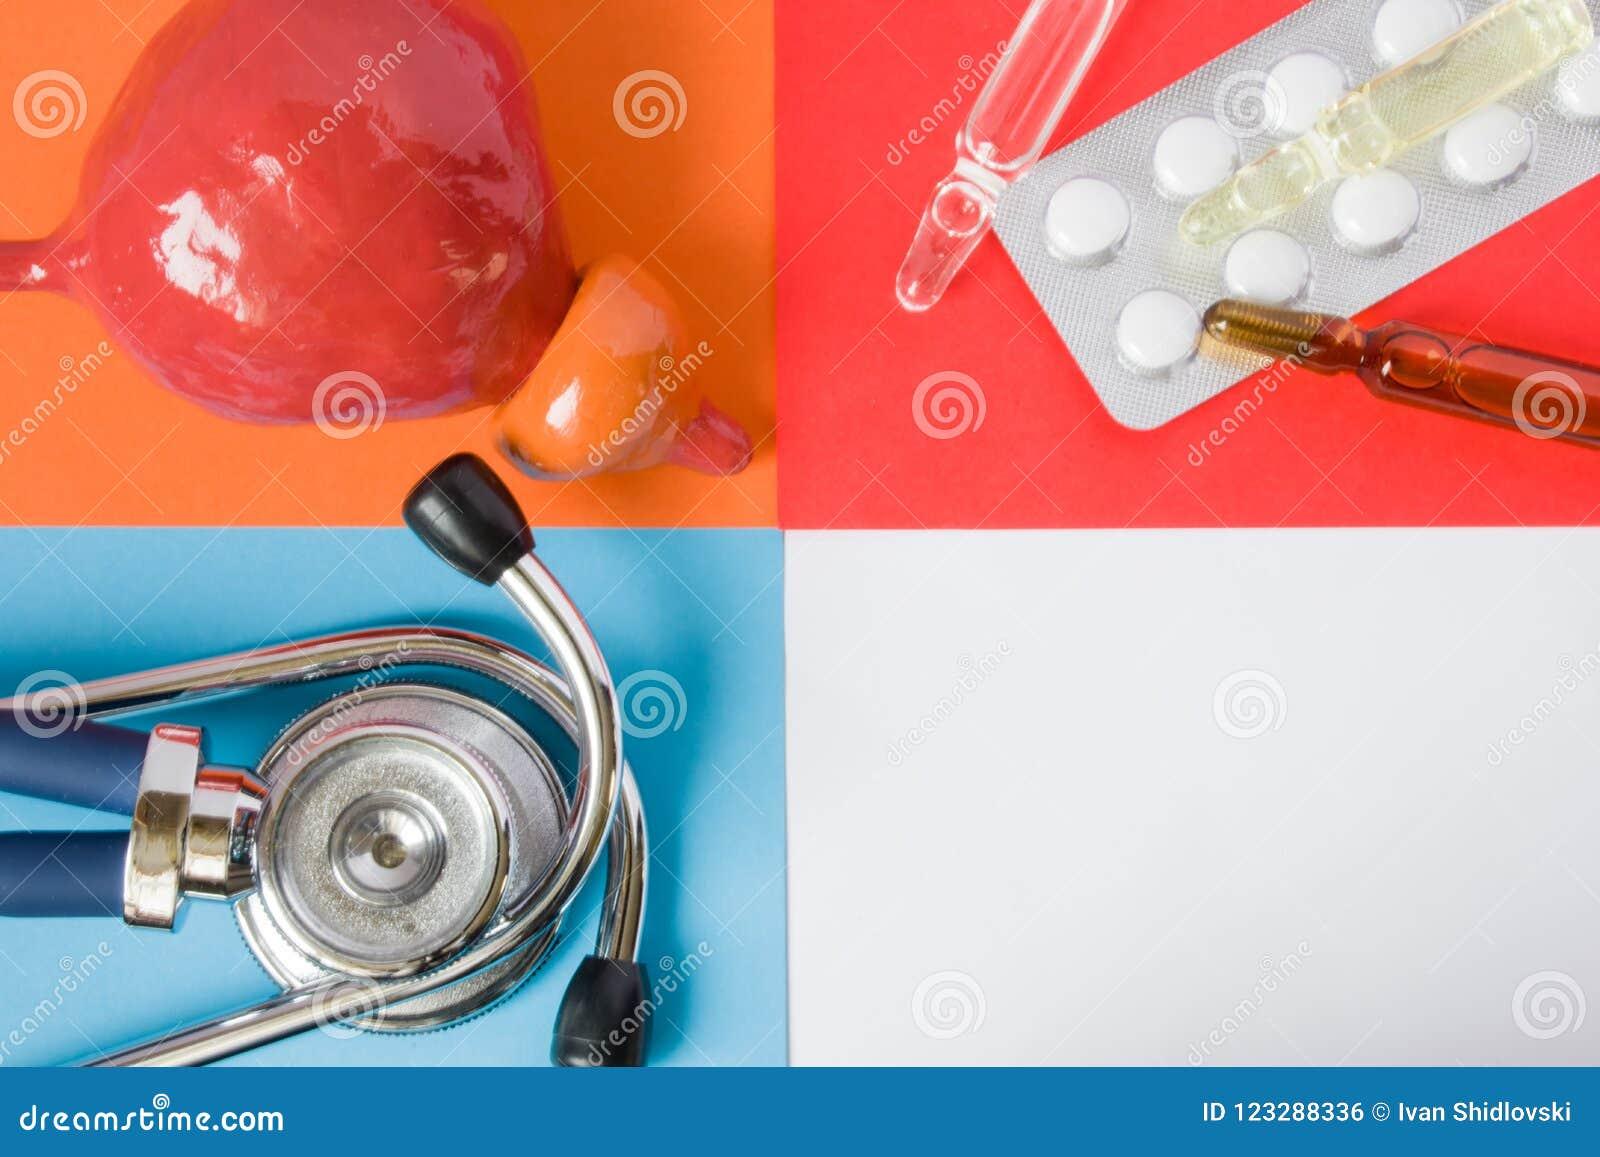 Prostata di sanità o medica di progetto di concetto dell foto-organo, stetoscopio medico diagnostico dello strumento e pillole de